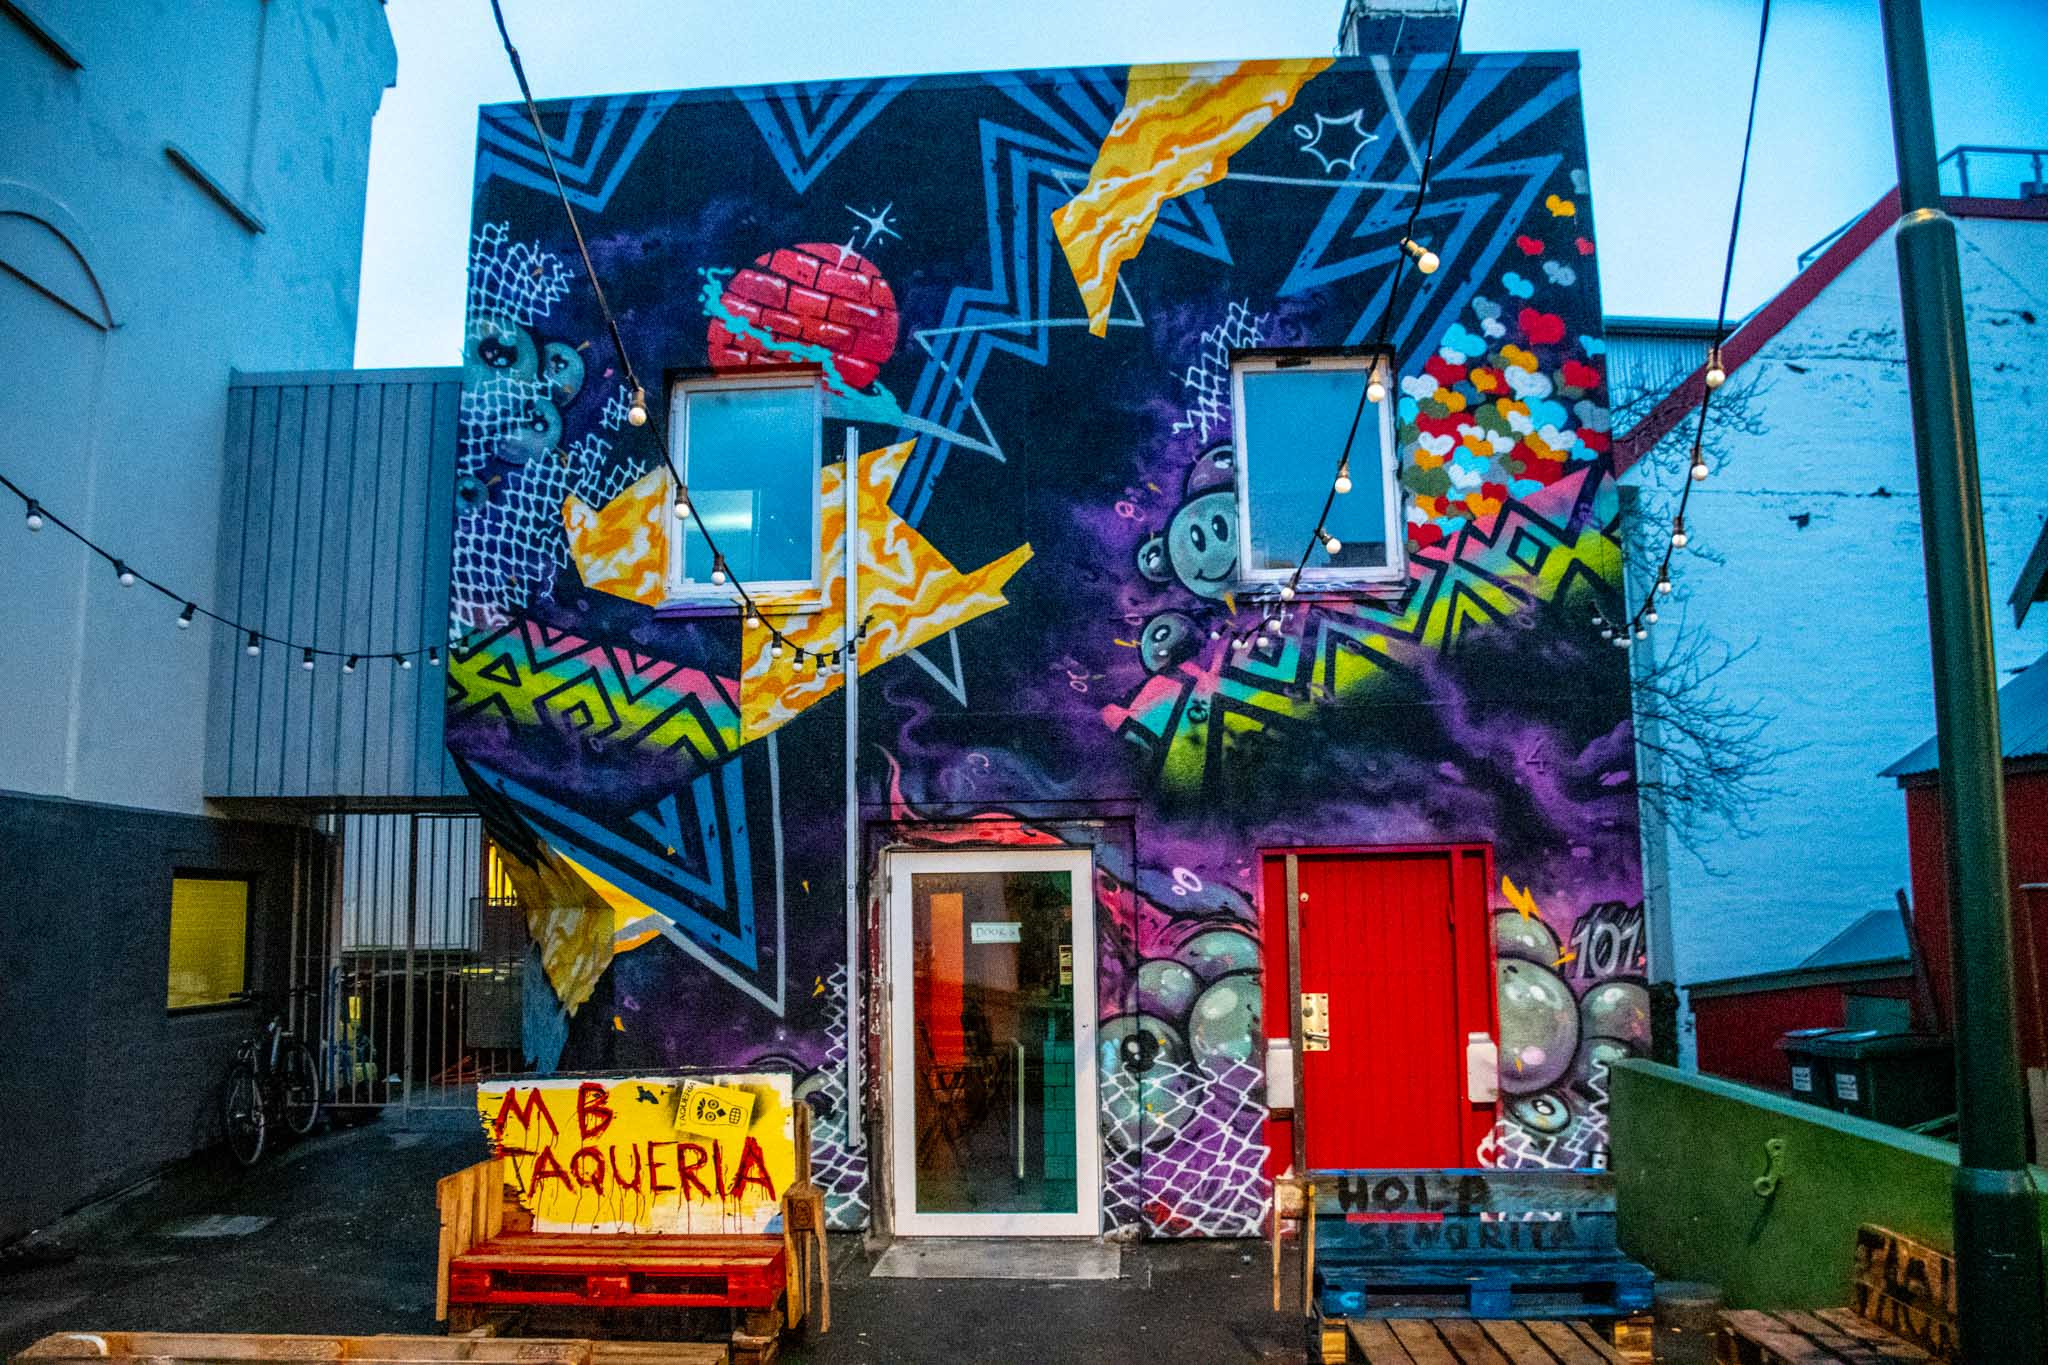 Wall murals at MB Taqueria